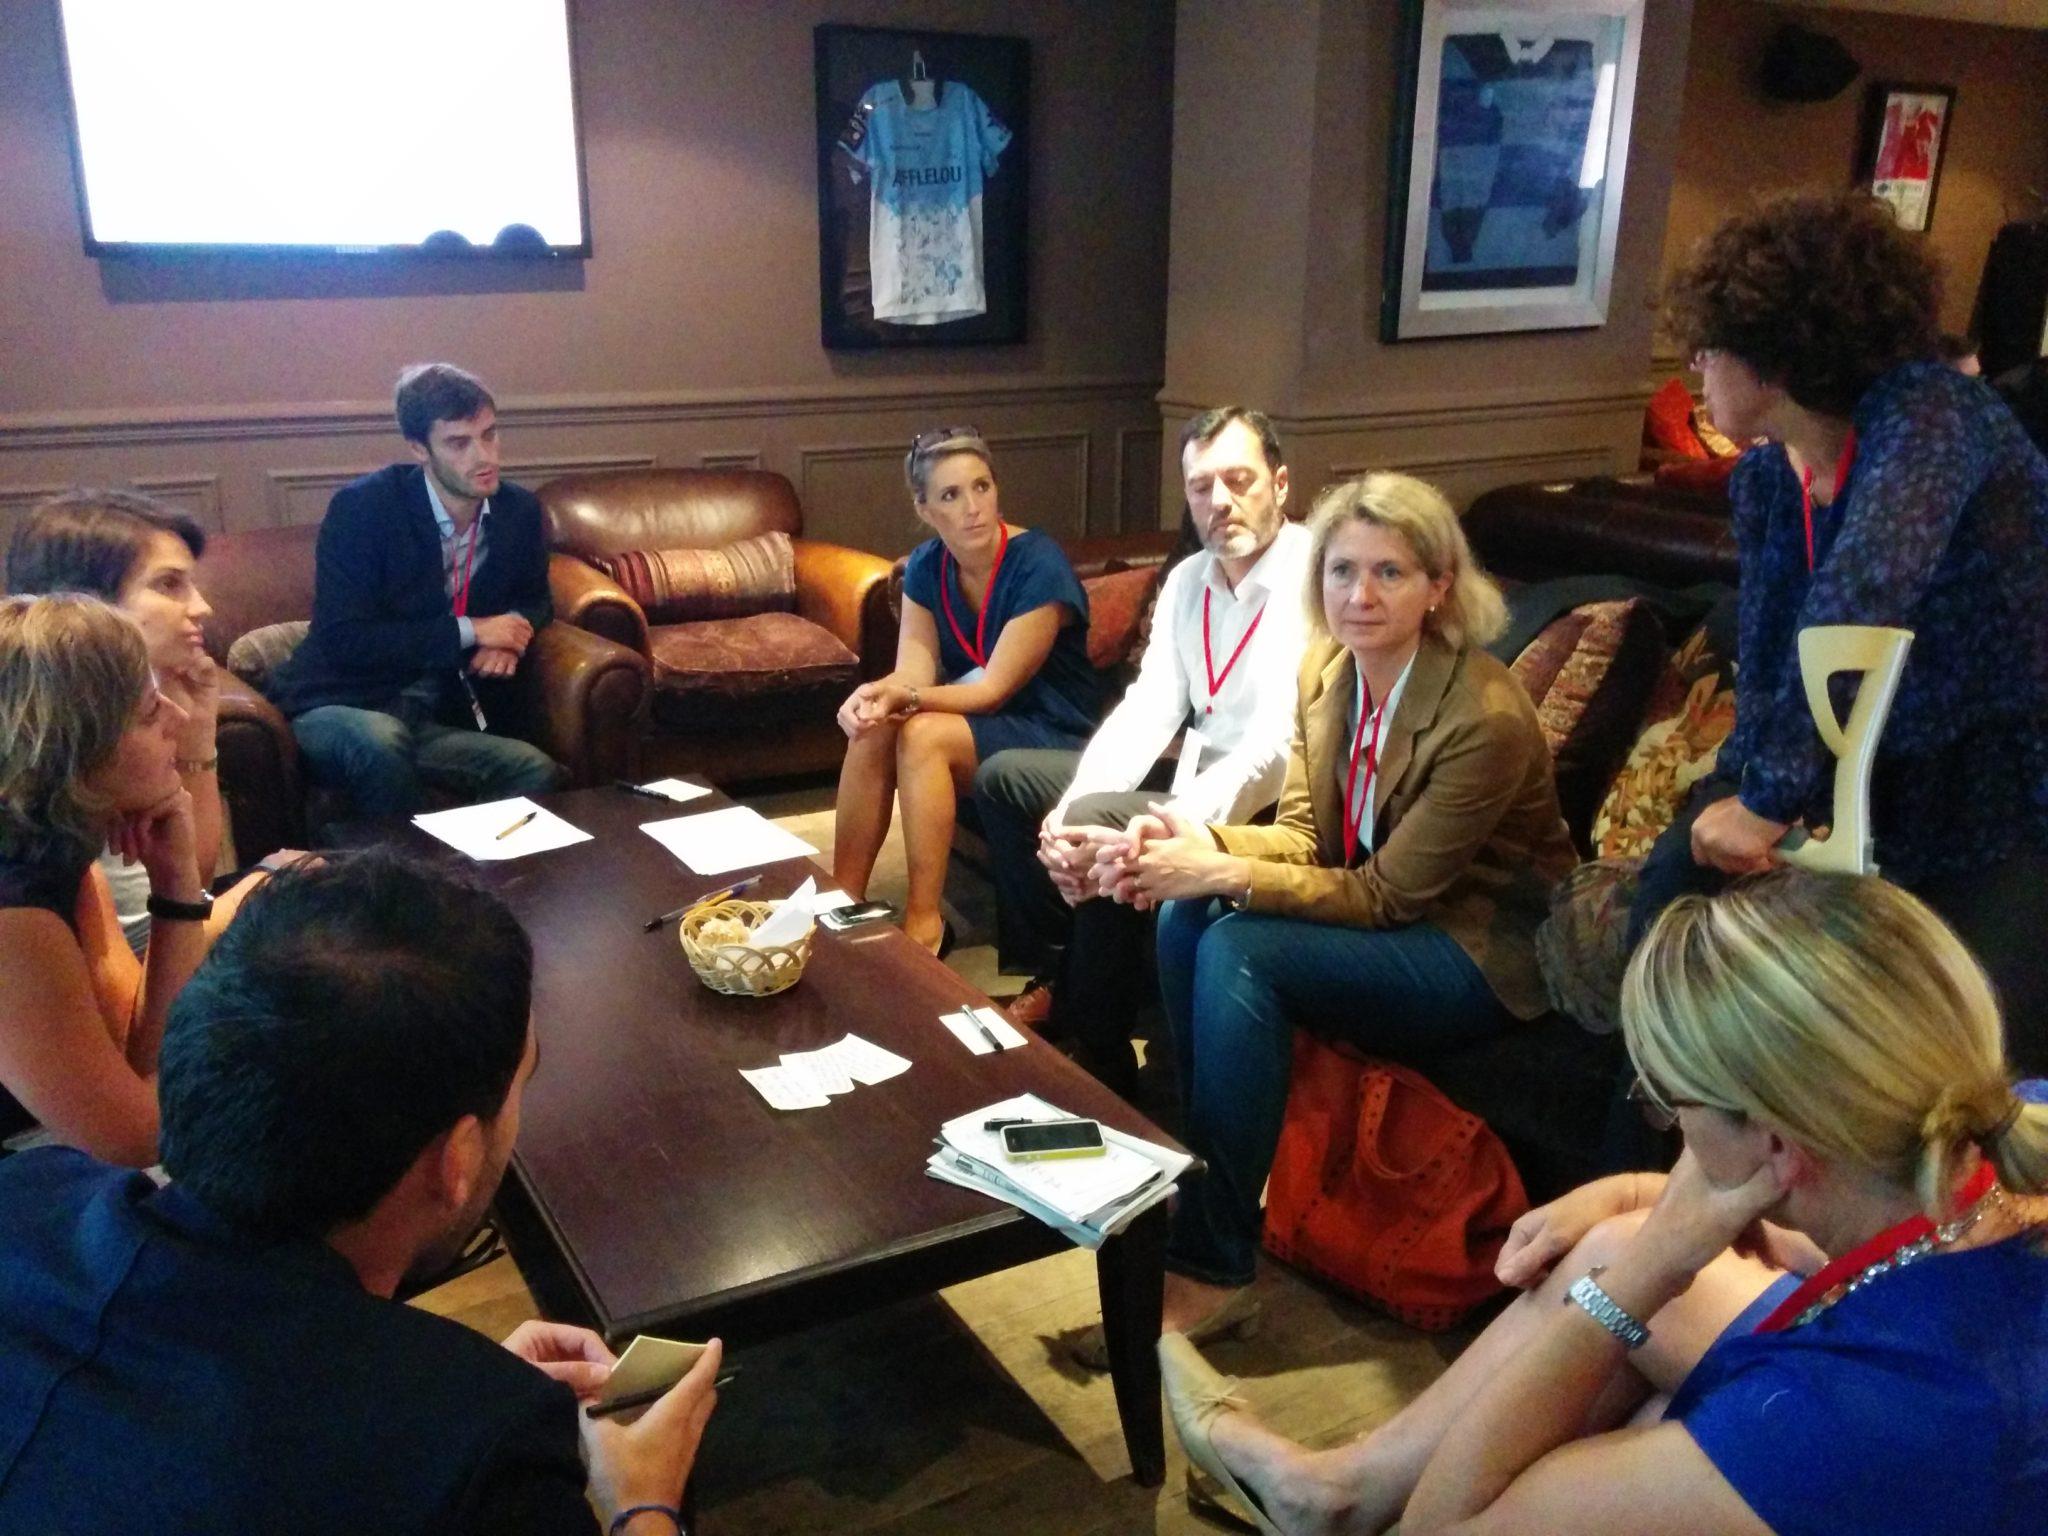 Groupe de travail, lors du Bar Camp, réflexion sur le contenu